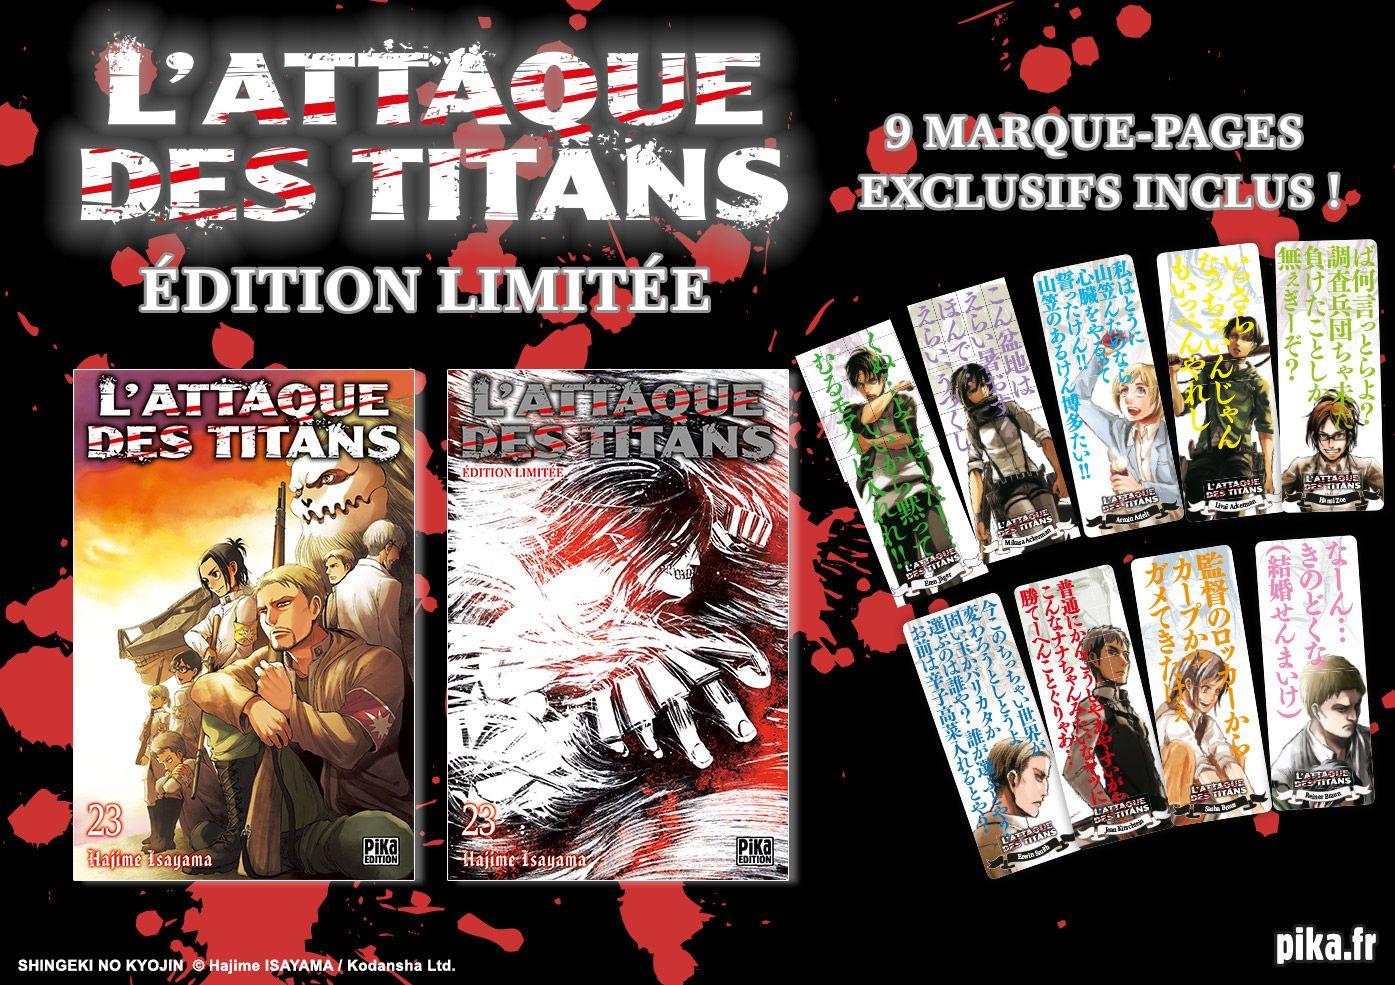 [MANGA/ANIME] L'Attaque des Titans (Shingeki no Kyôjin) - Page 21 Attaque-titans-23-limite-pika-annonce